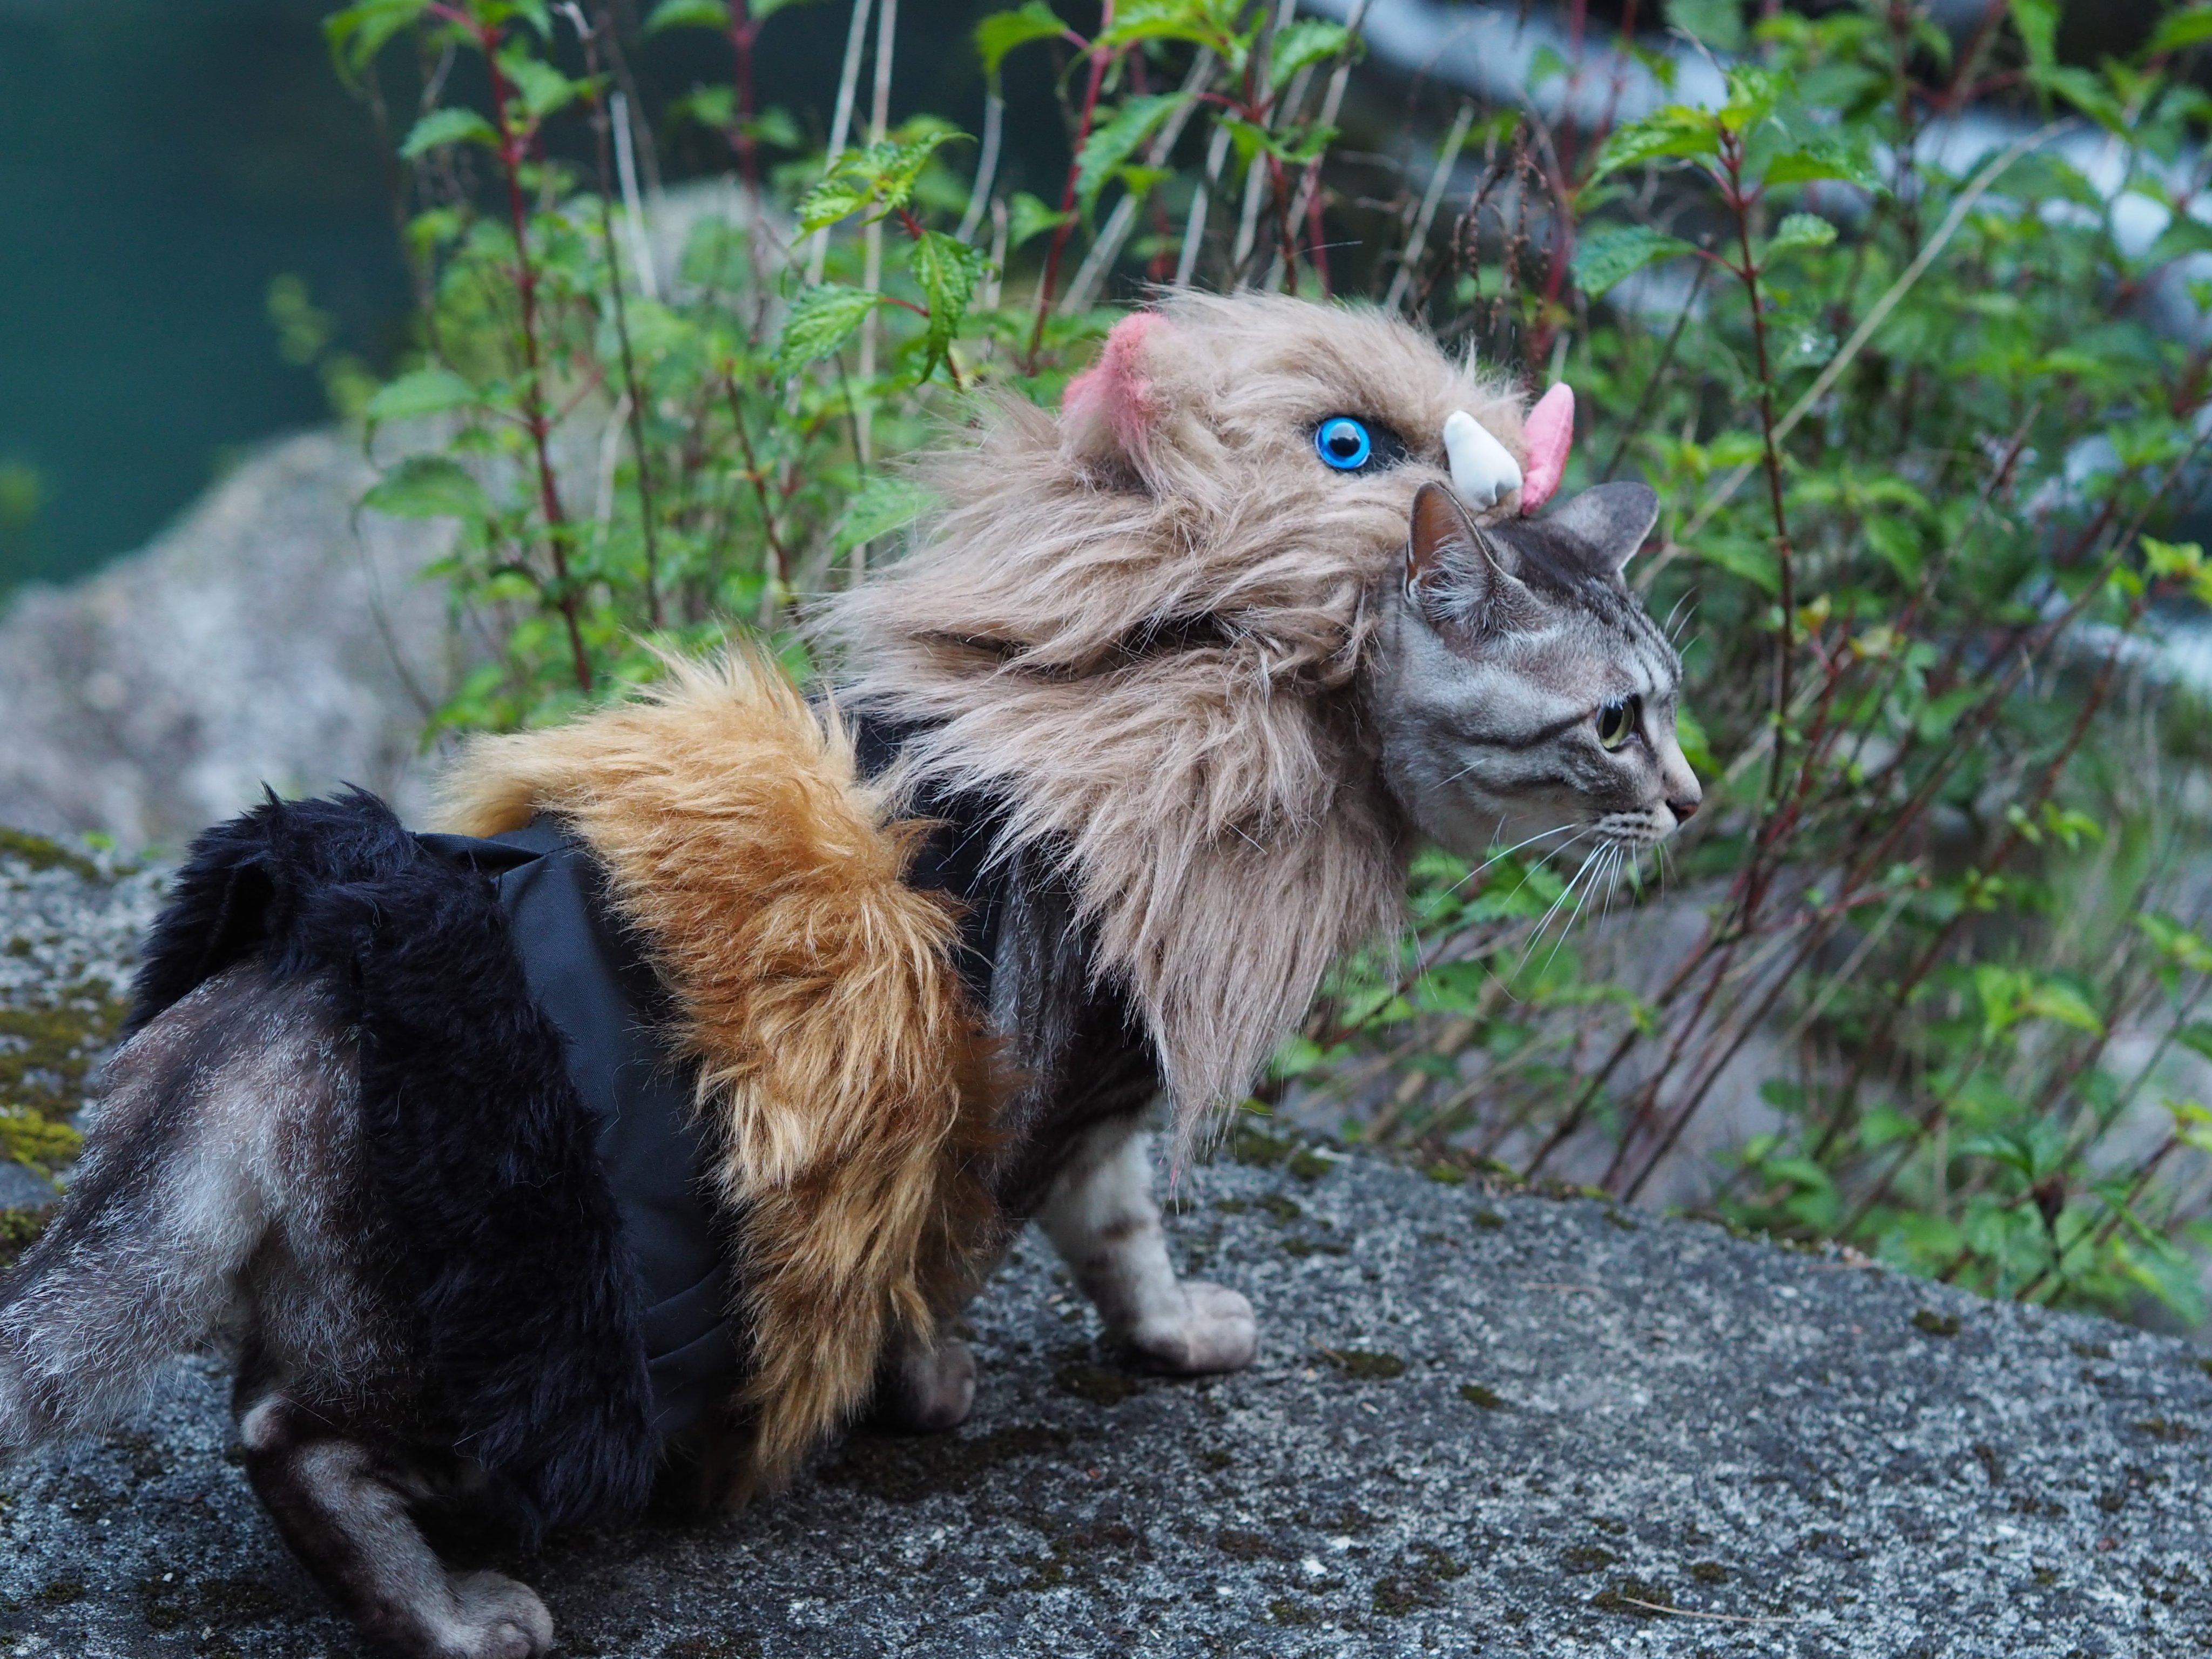 鬼灭之刃 猫之COS